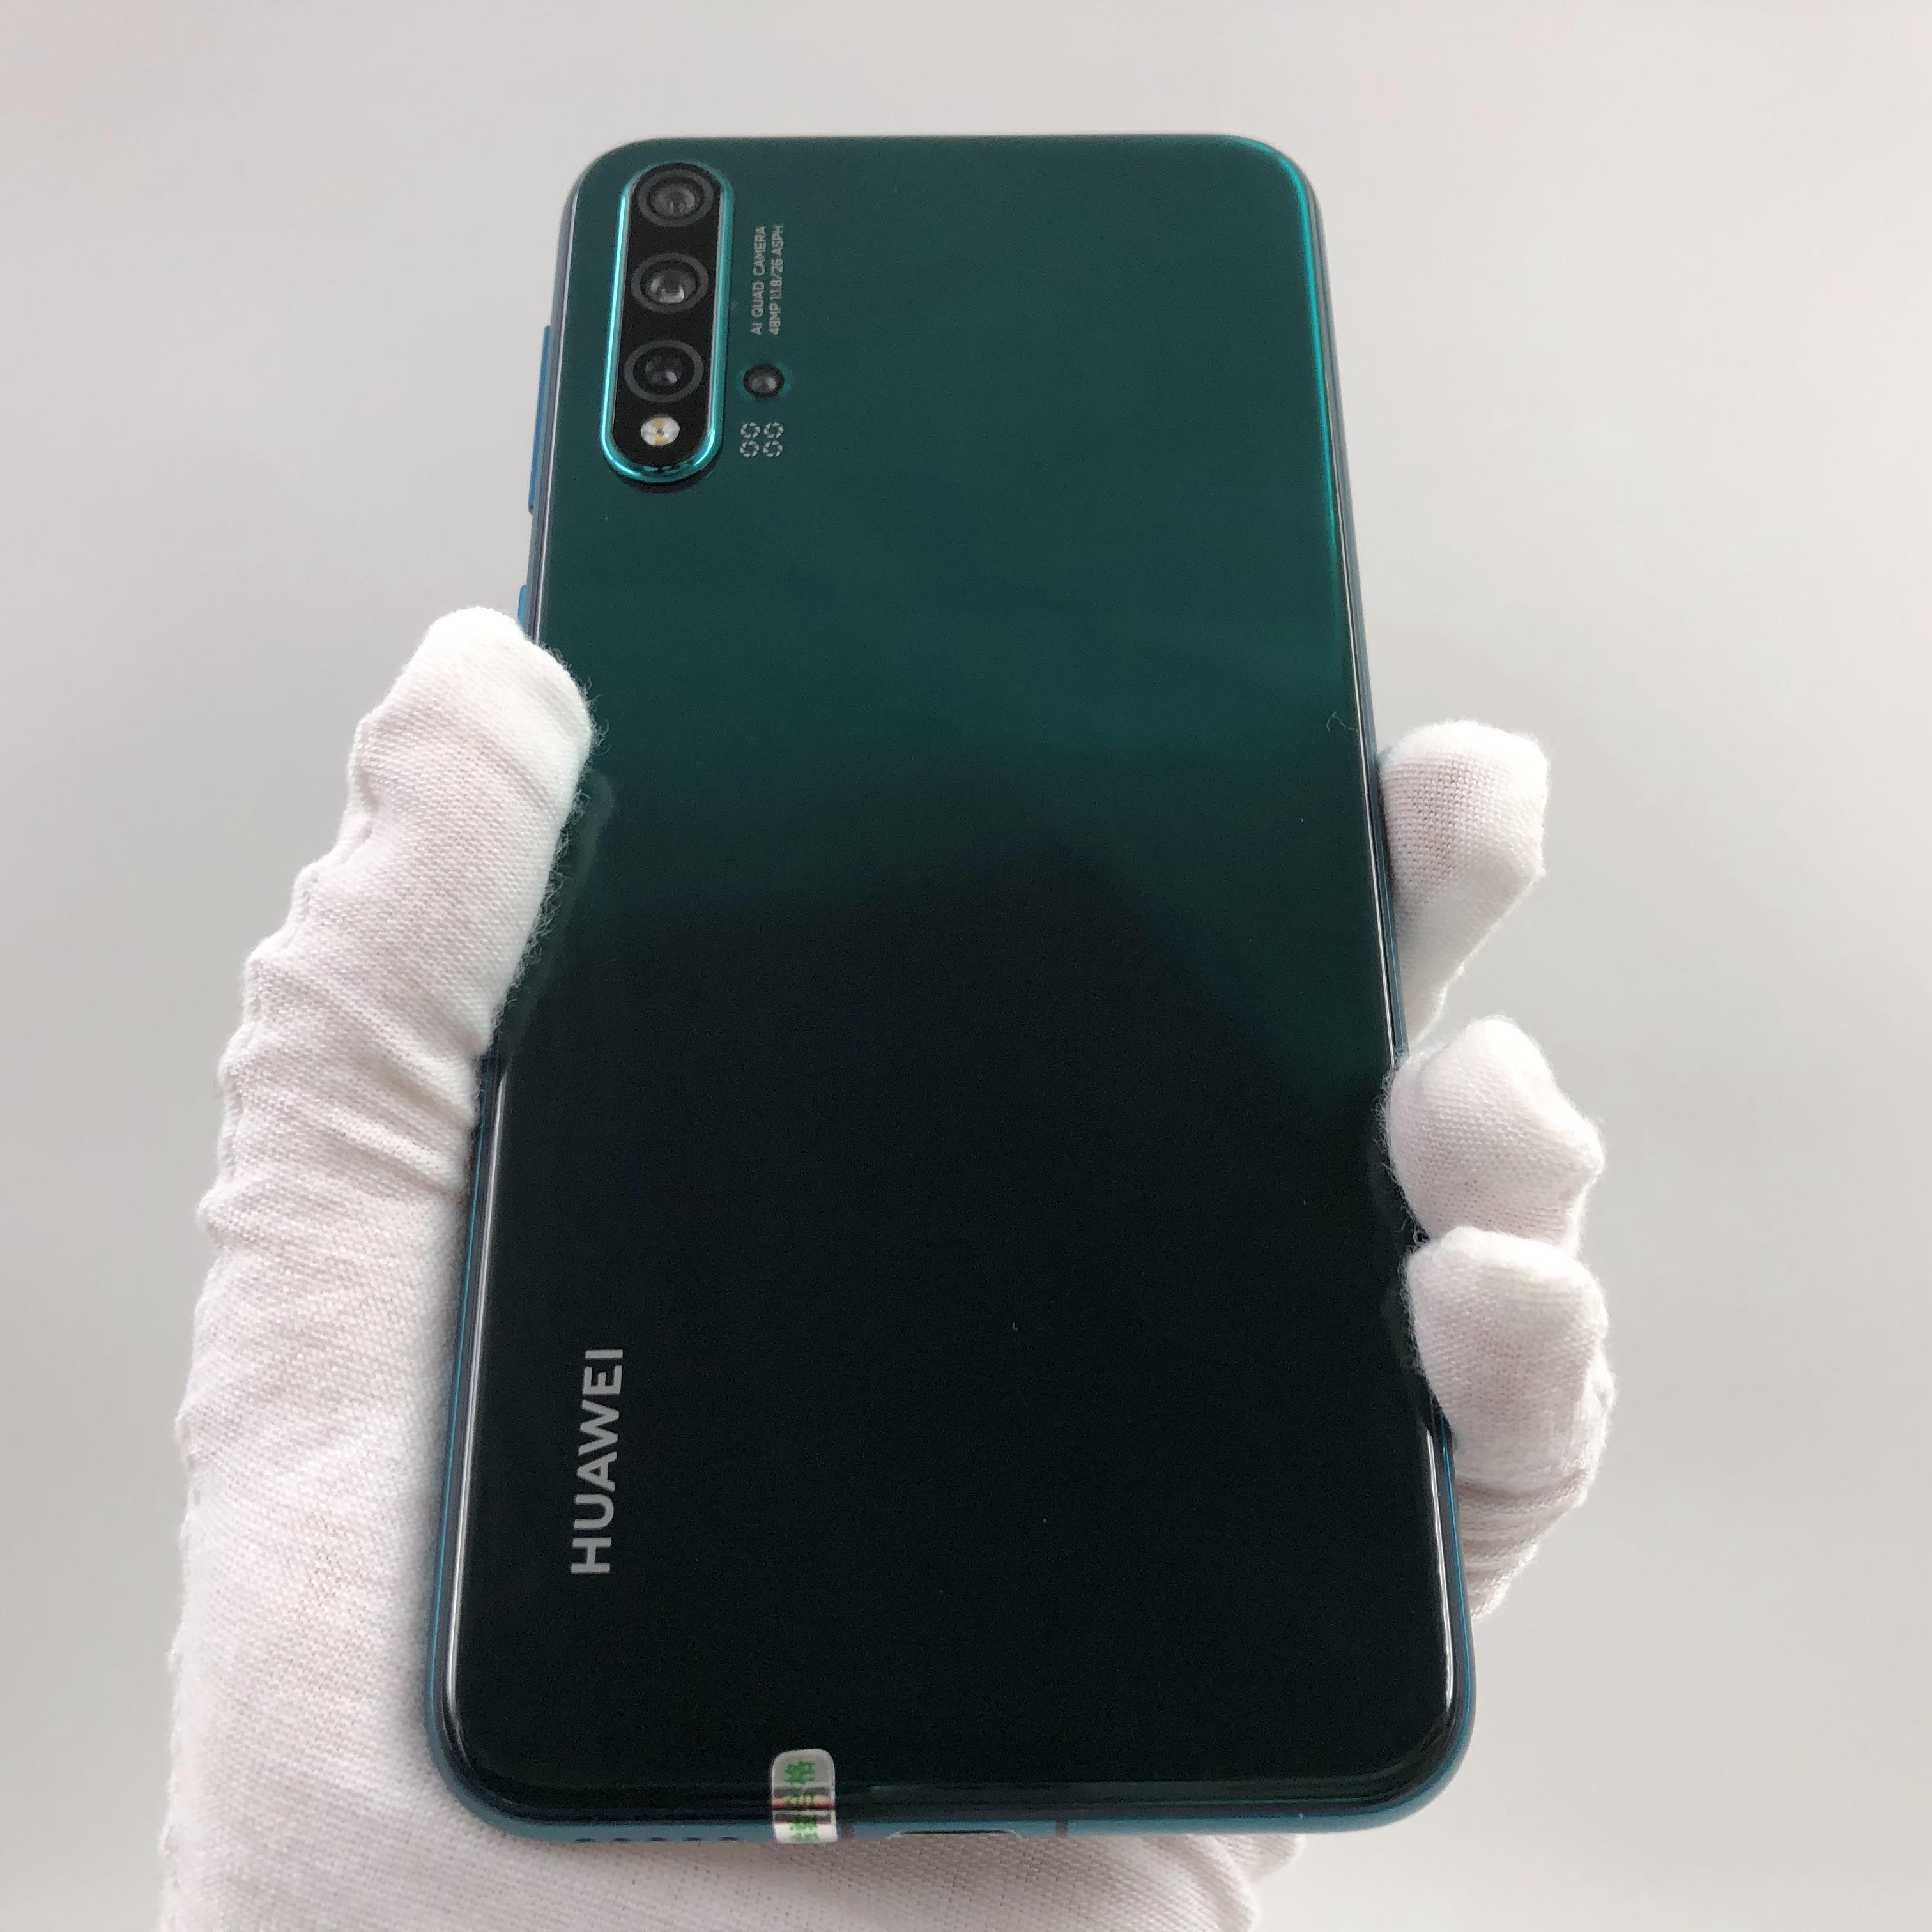 华为【nova 5 Pro】4G全网通 绿色 8G/128G 国行 9成新 真机实拍